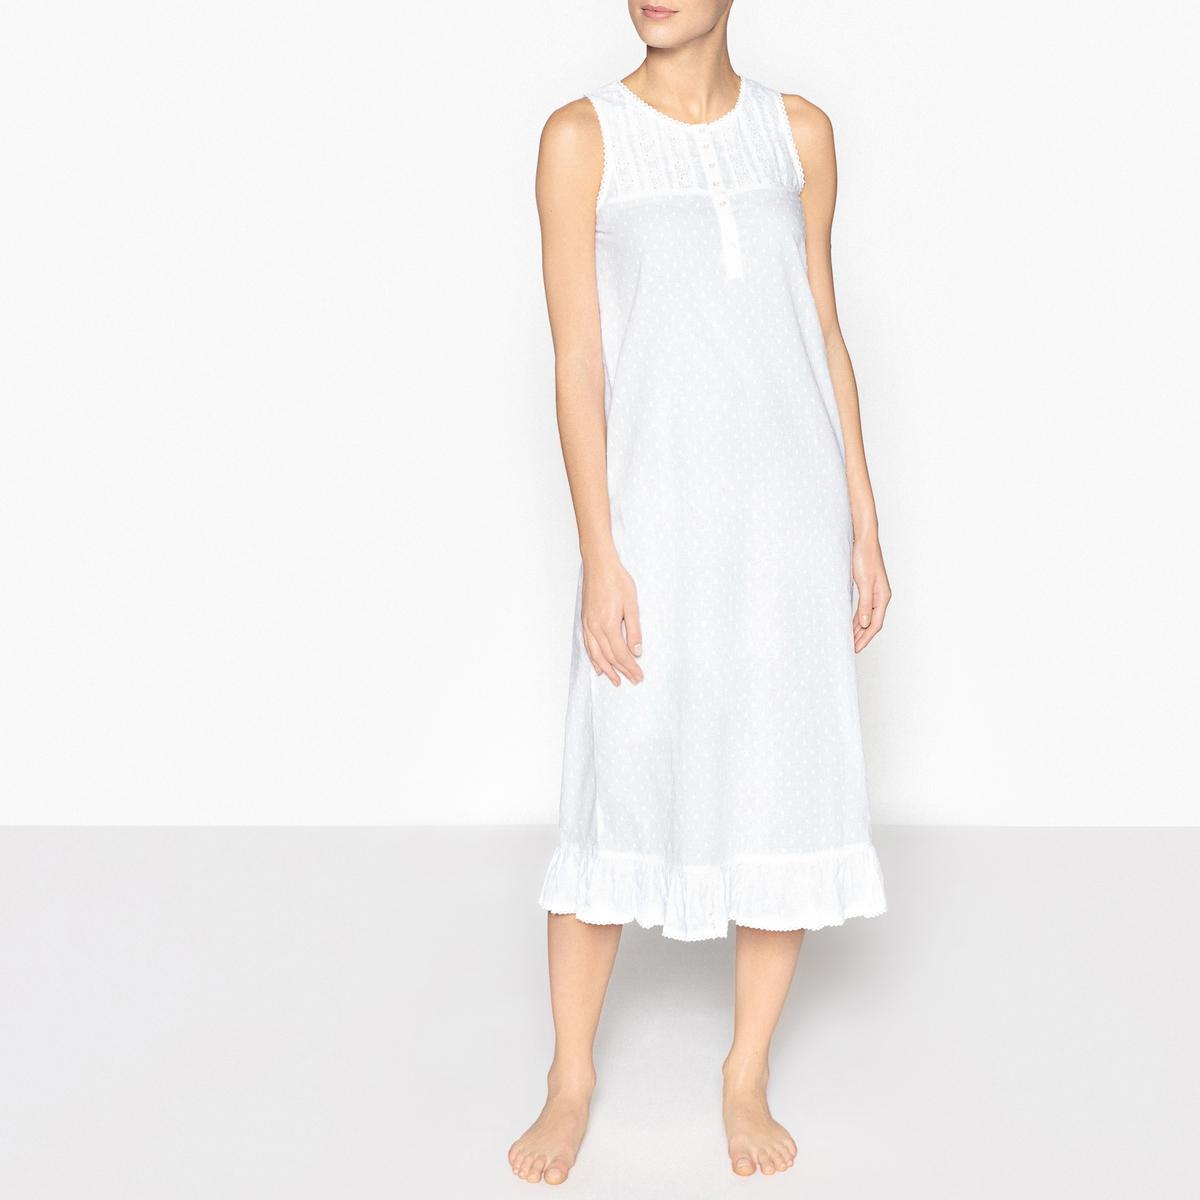 Сорочка ночная с вышивкой ночная сорочка длинная без рукавов